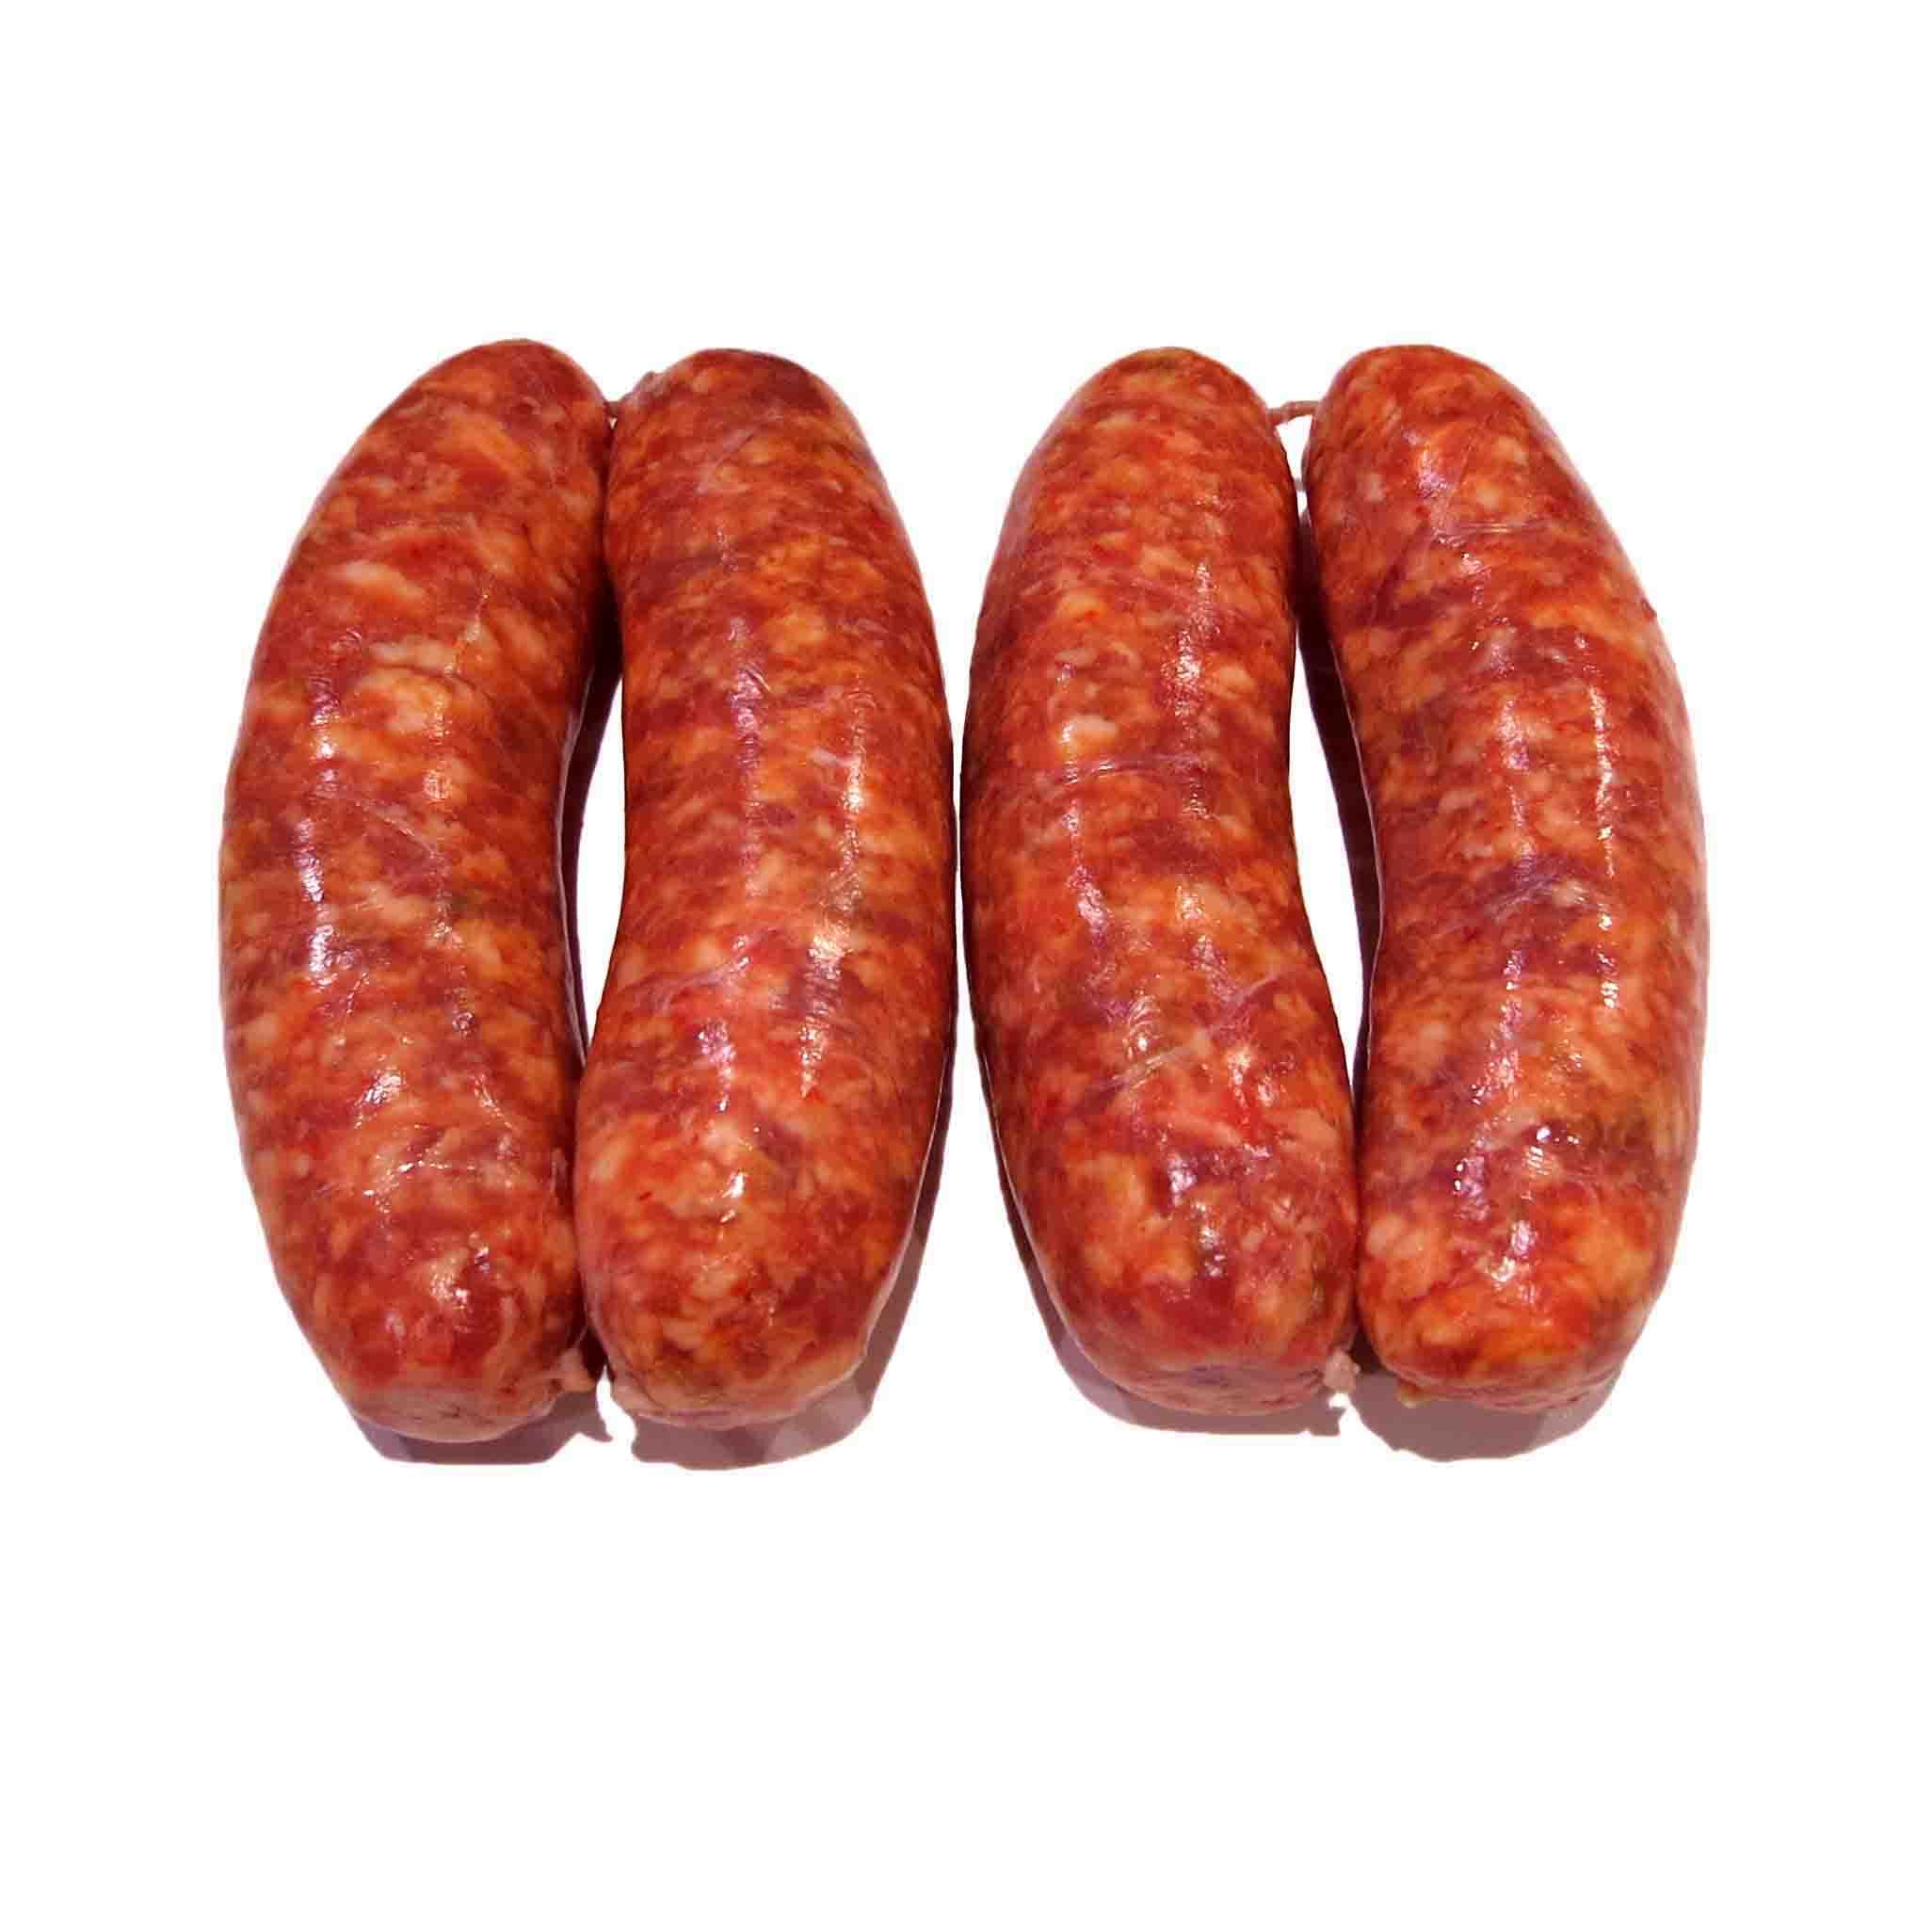 giuseppes original sausage company Colosimo's original sausage: co sausages country barn: walton & post, inc davis sausage company, inc.